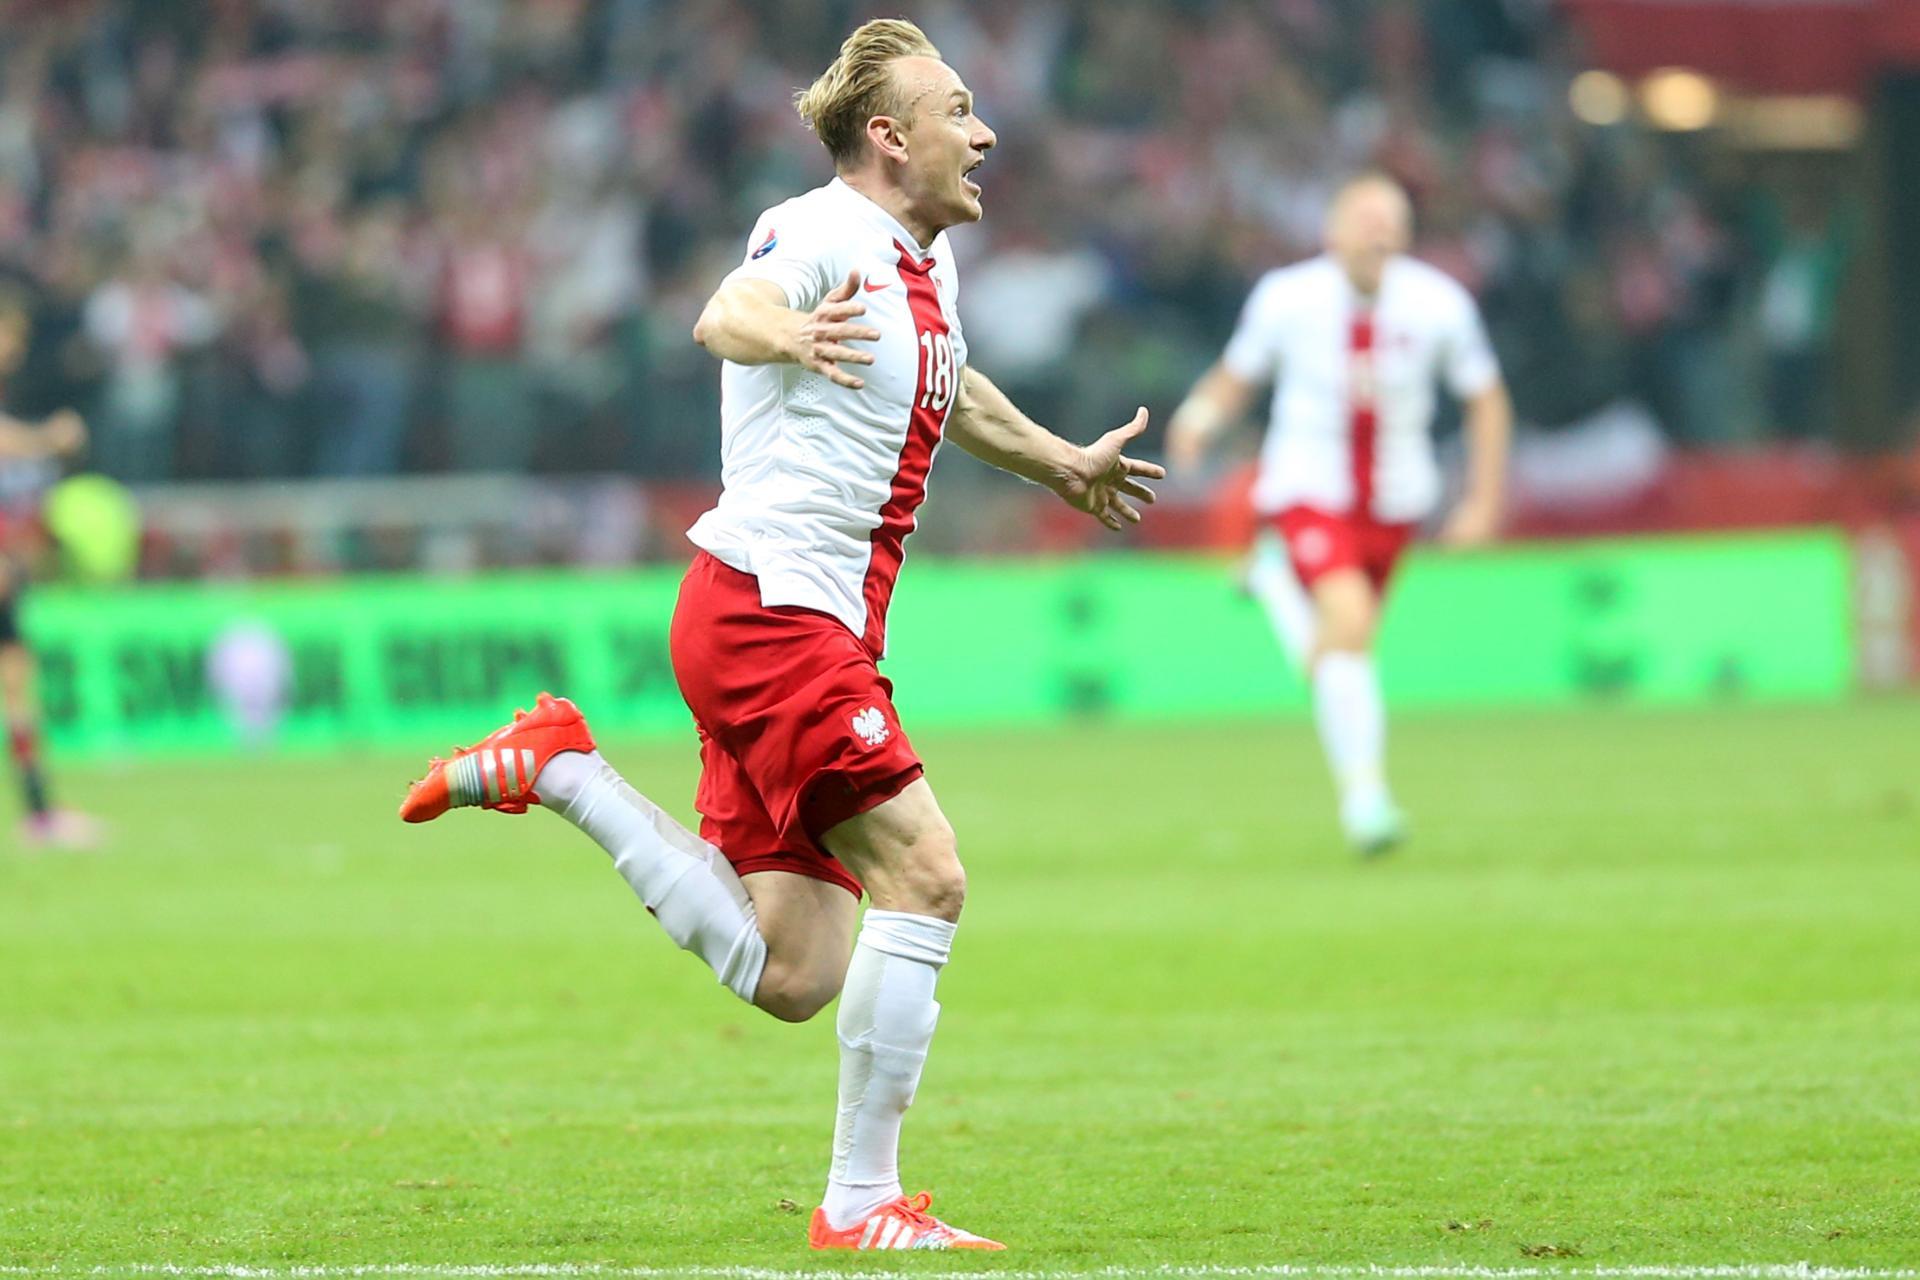 Szalona radość Sebastiana Mili, który zdobył właśnie bramkę na 2:0 dla Polski.